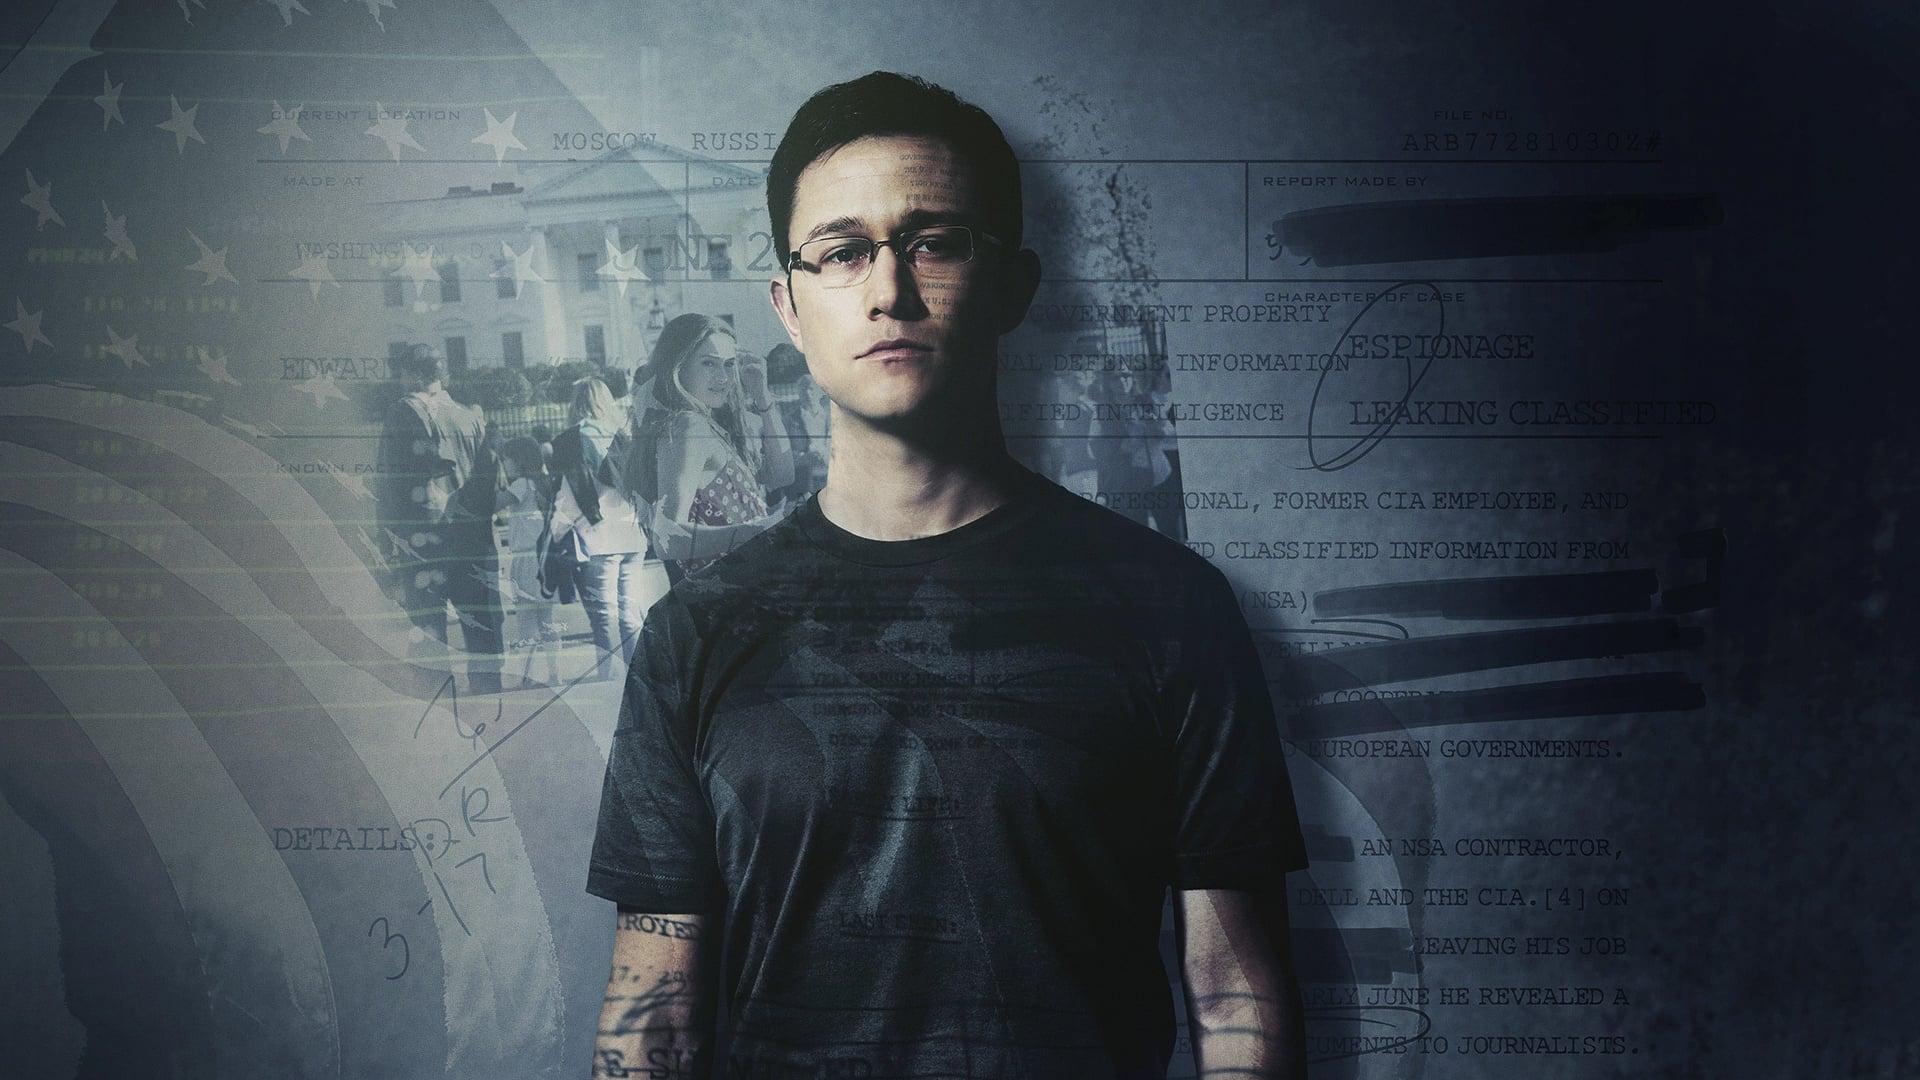 Película Edward Snowden en GNULA